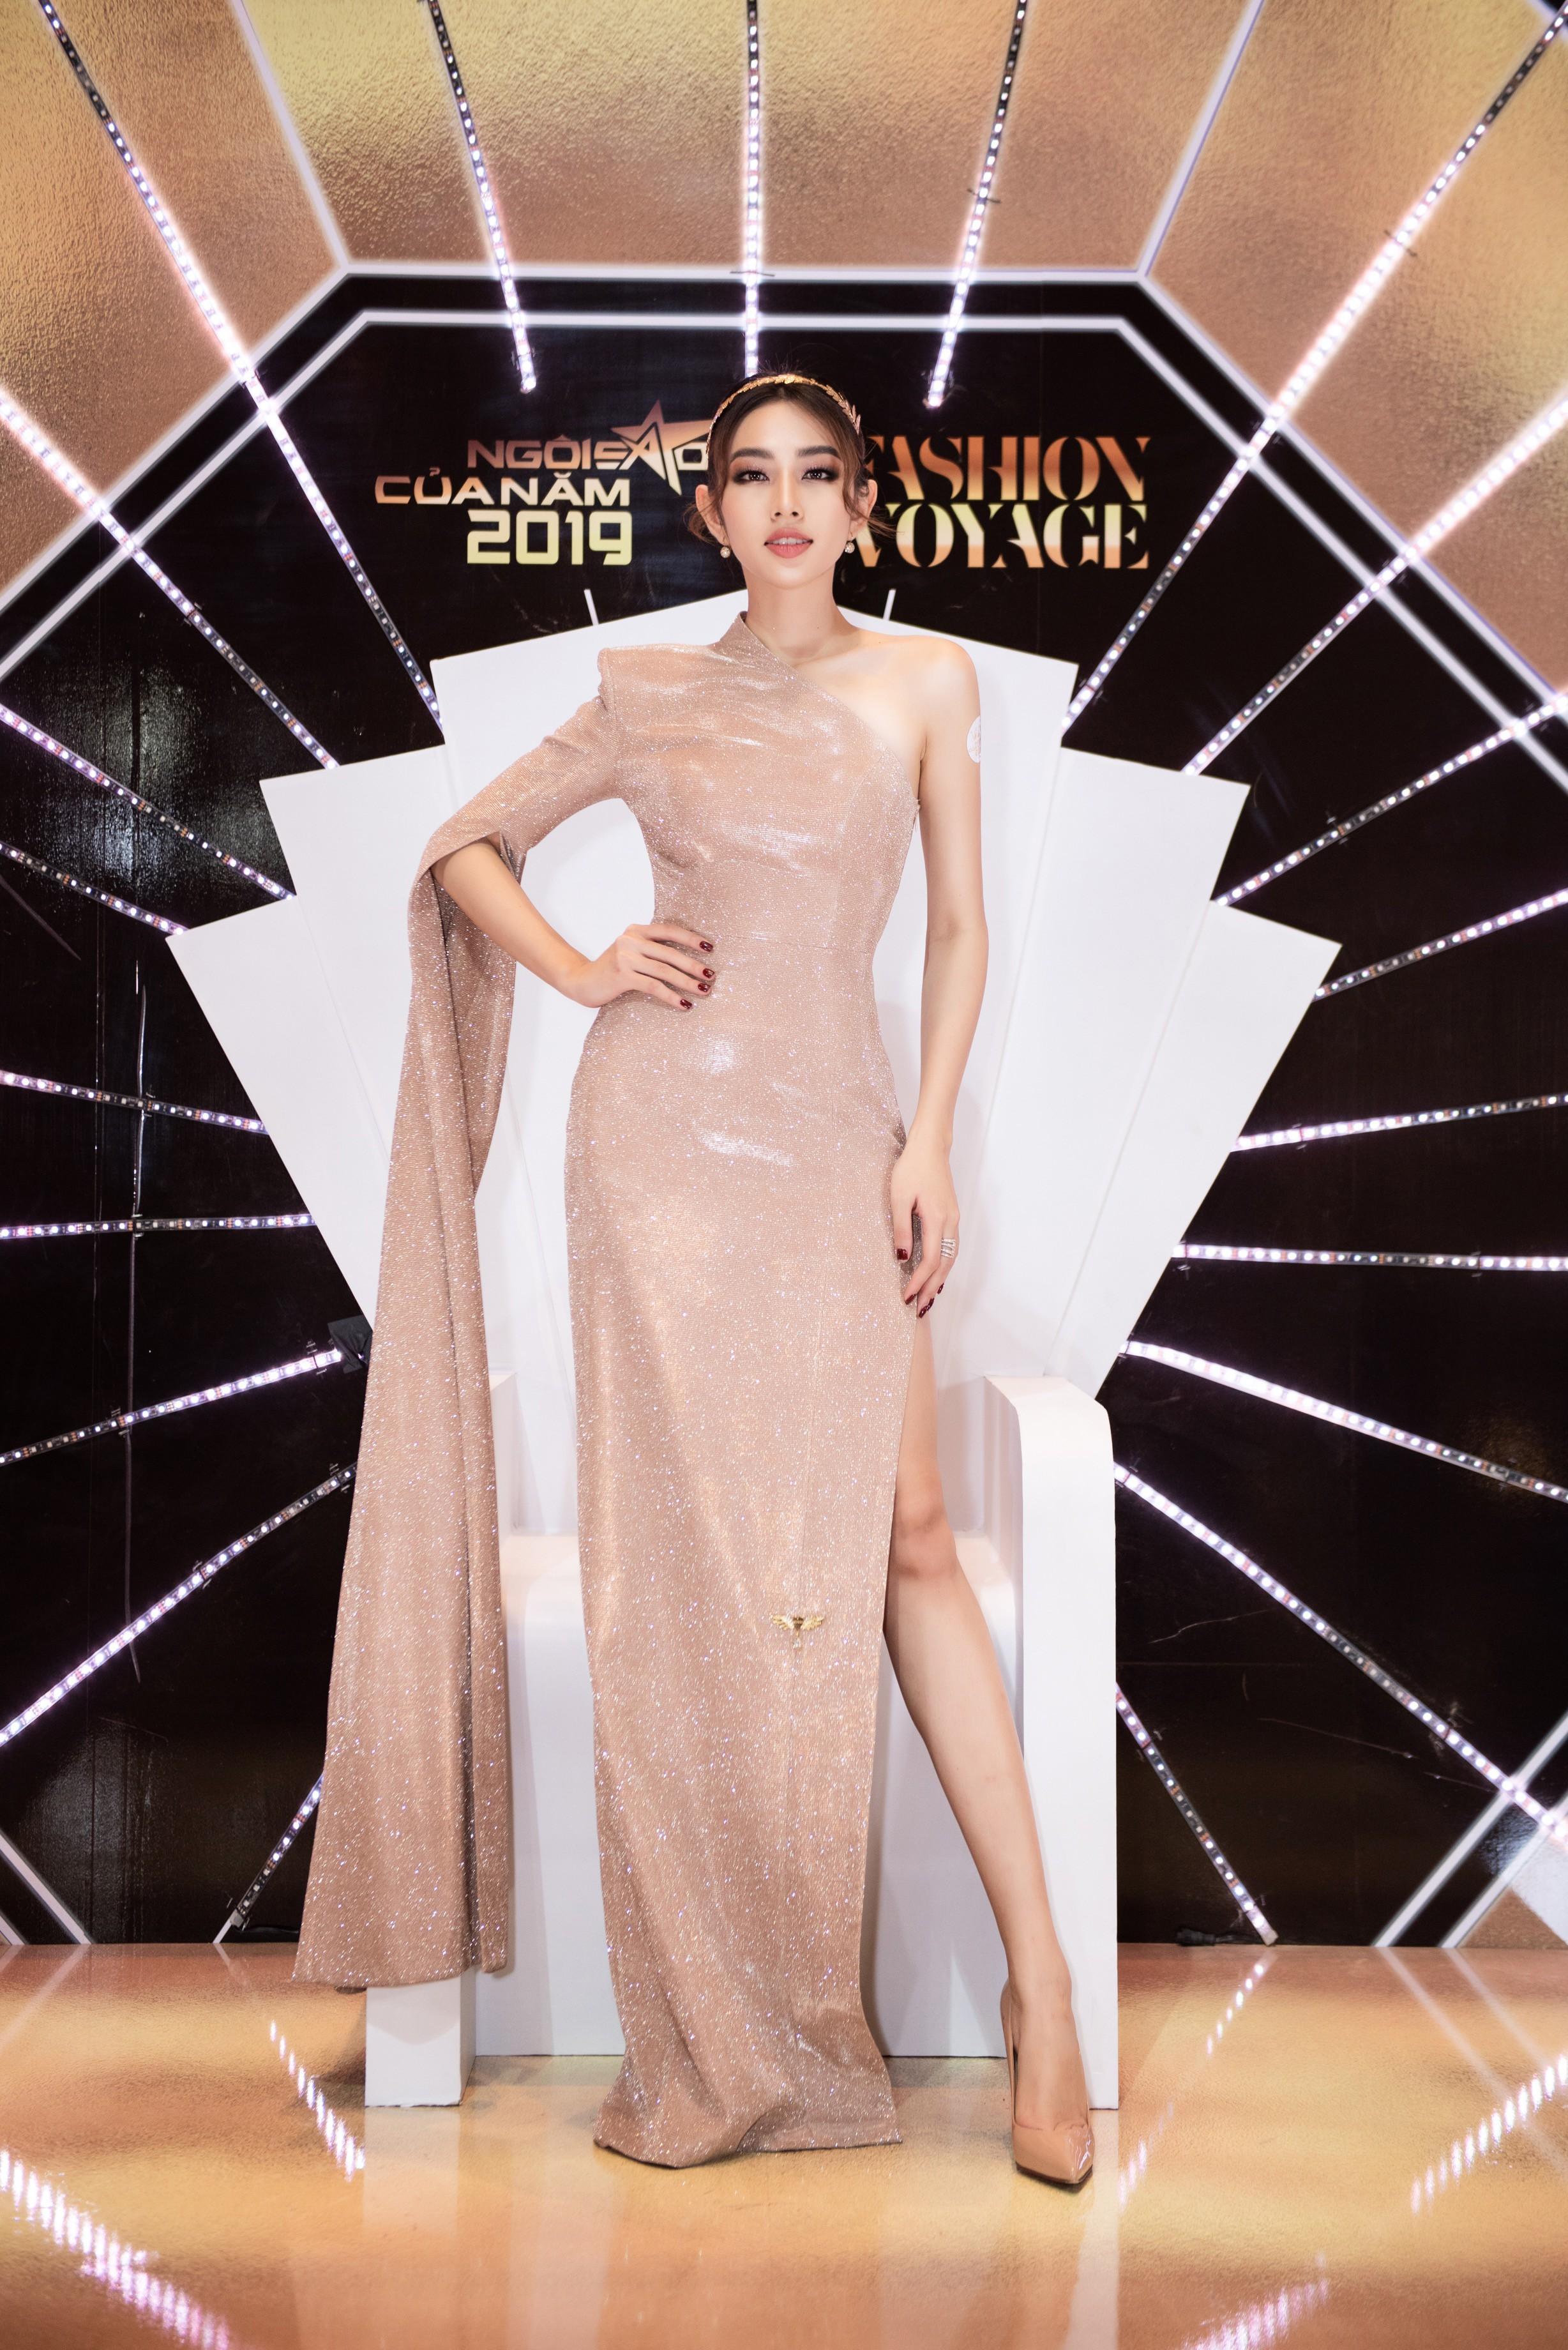 Dàn Hoa- Á hậu diện trang phục đồng điệu, khoe sắc nóng bỏng trên thảm đỏ Ảnh 13